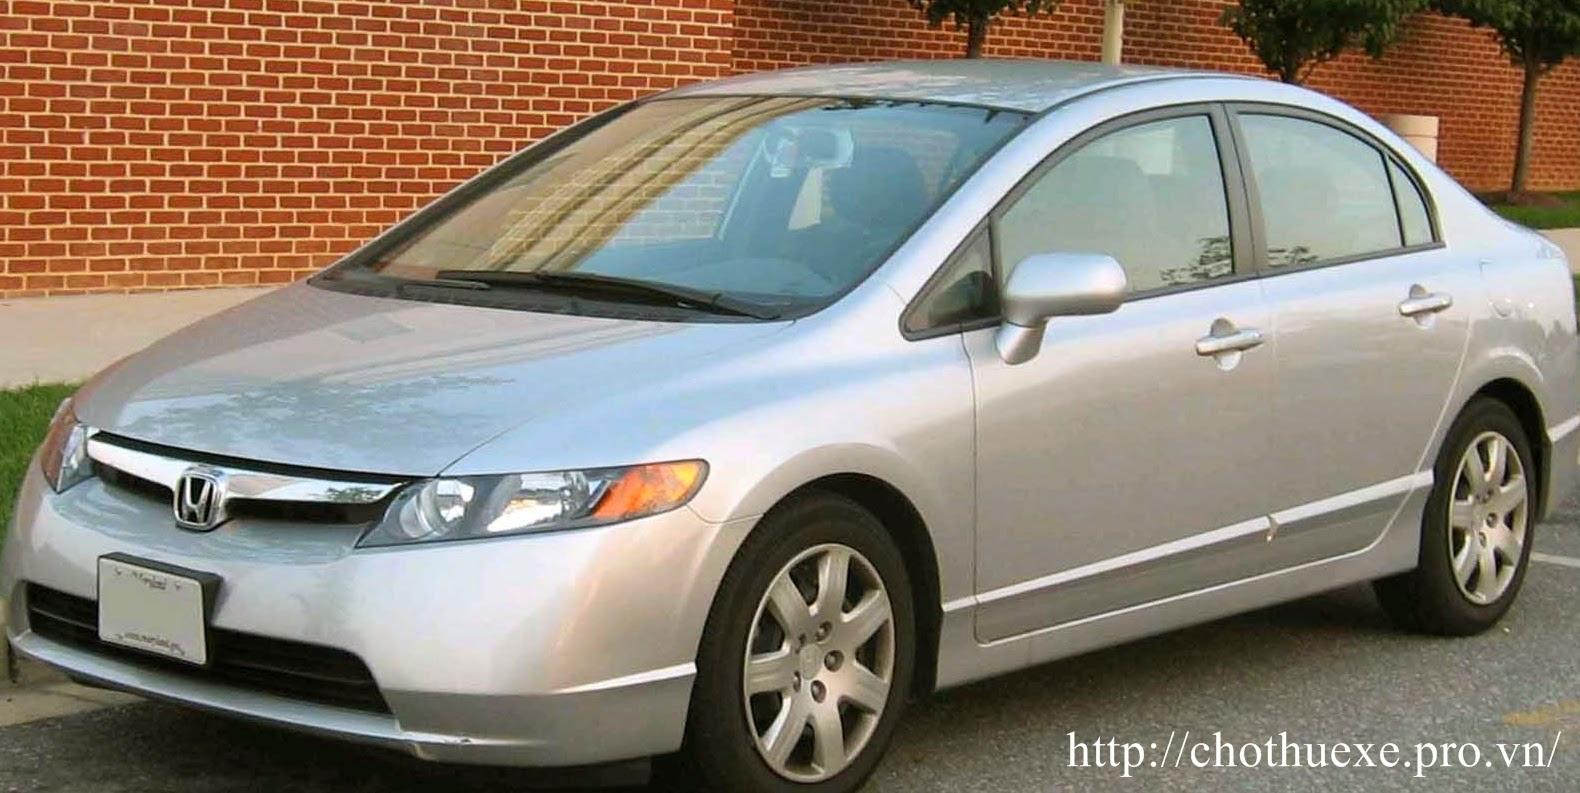 Cho thuê 4 chỗ xe Honda Civic giá rẻ mà sang trọng